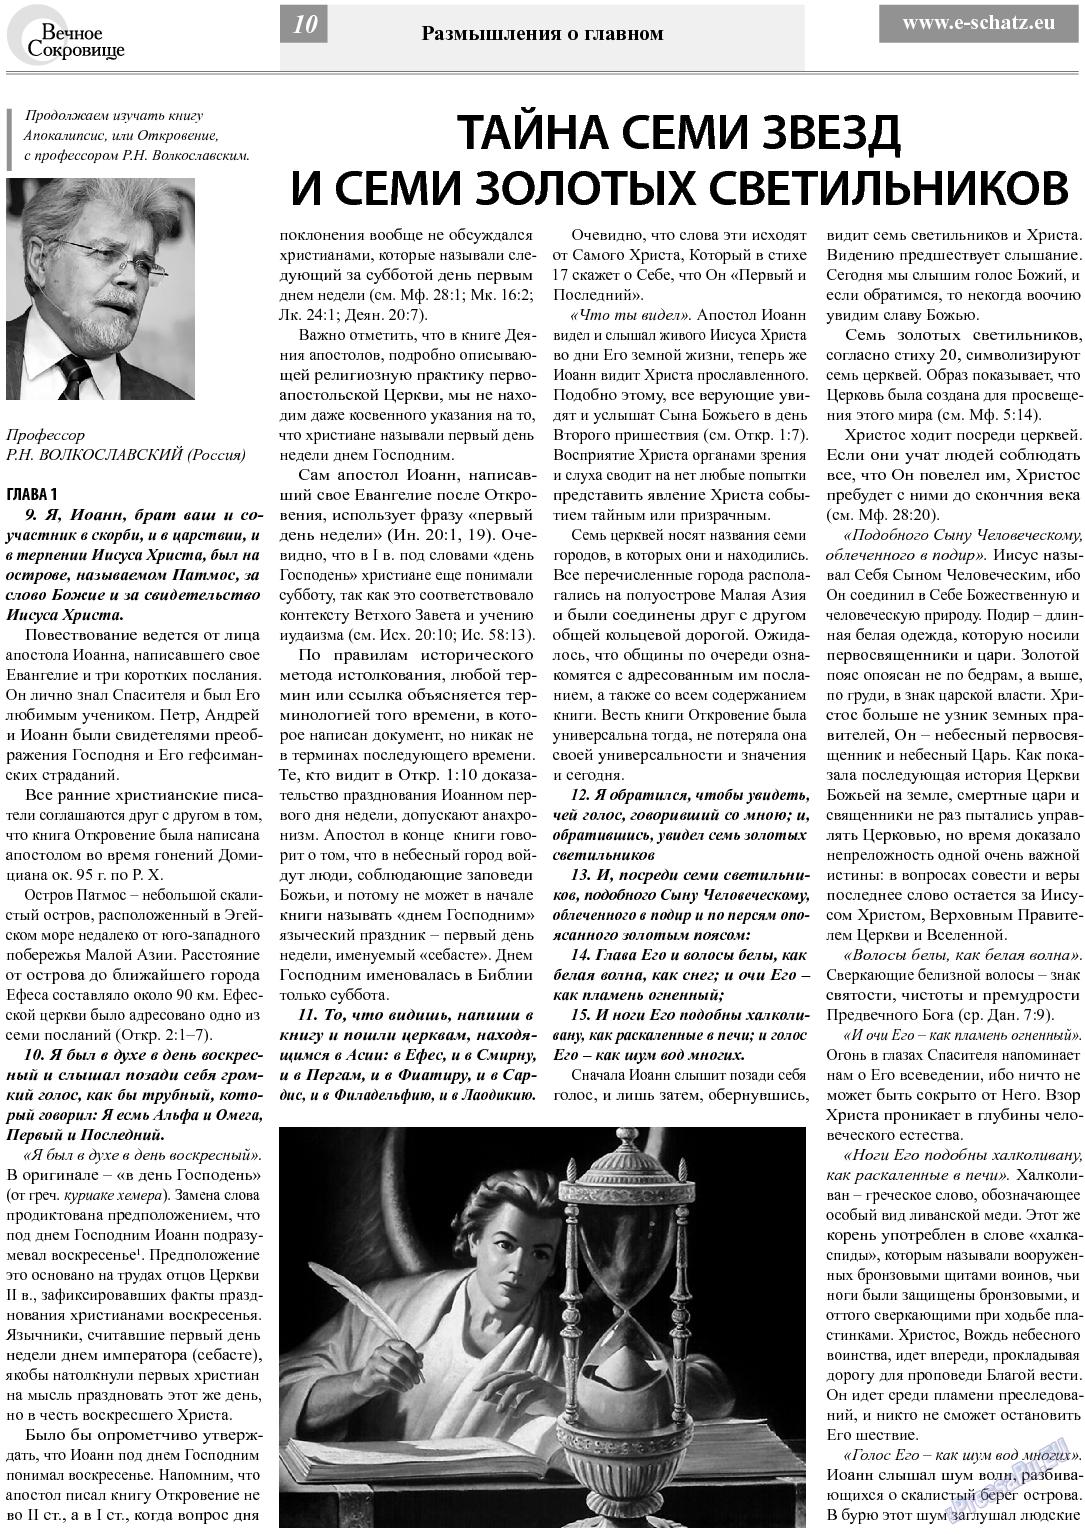 Вечное сокровище (газета). 2013 год, номер 6, стр. 10